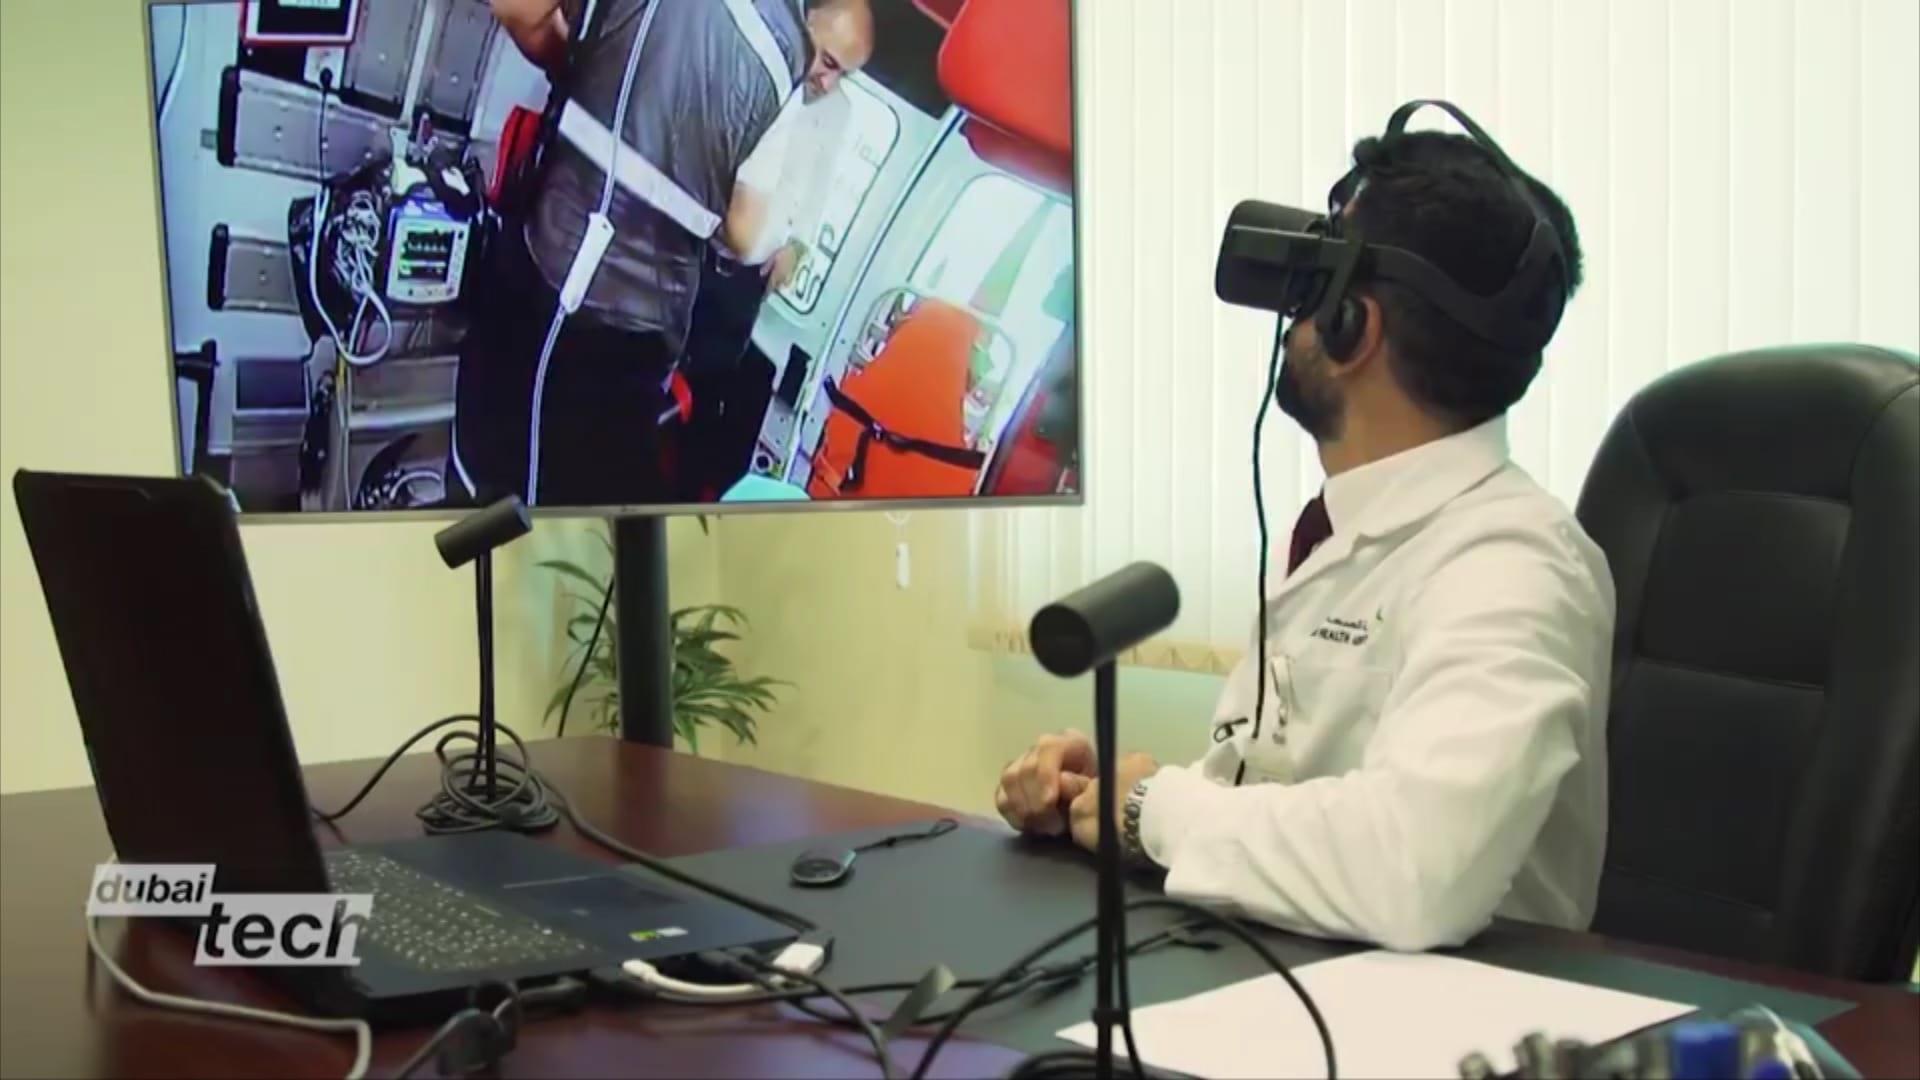 في دبي.. الواقع الافتراضي يسمح للأطباء بتشخيص المرضى عن بعد